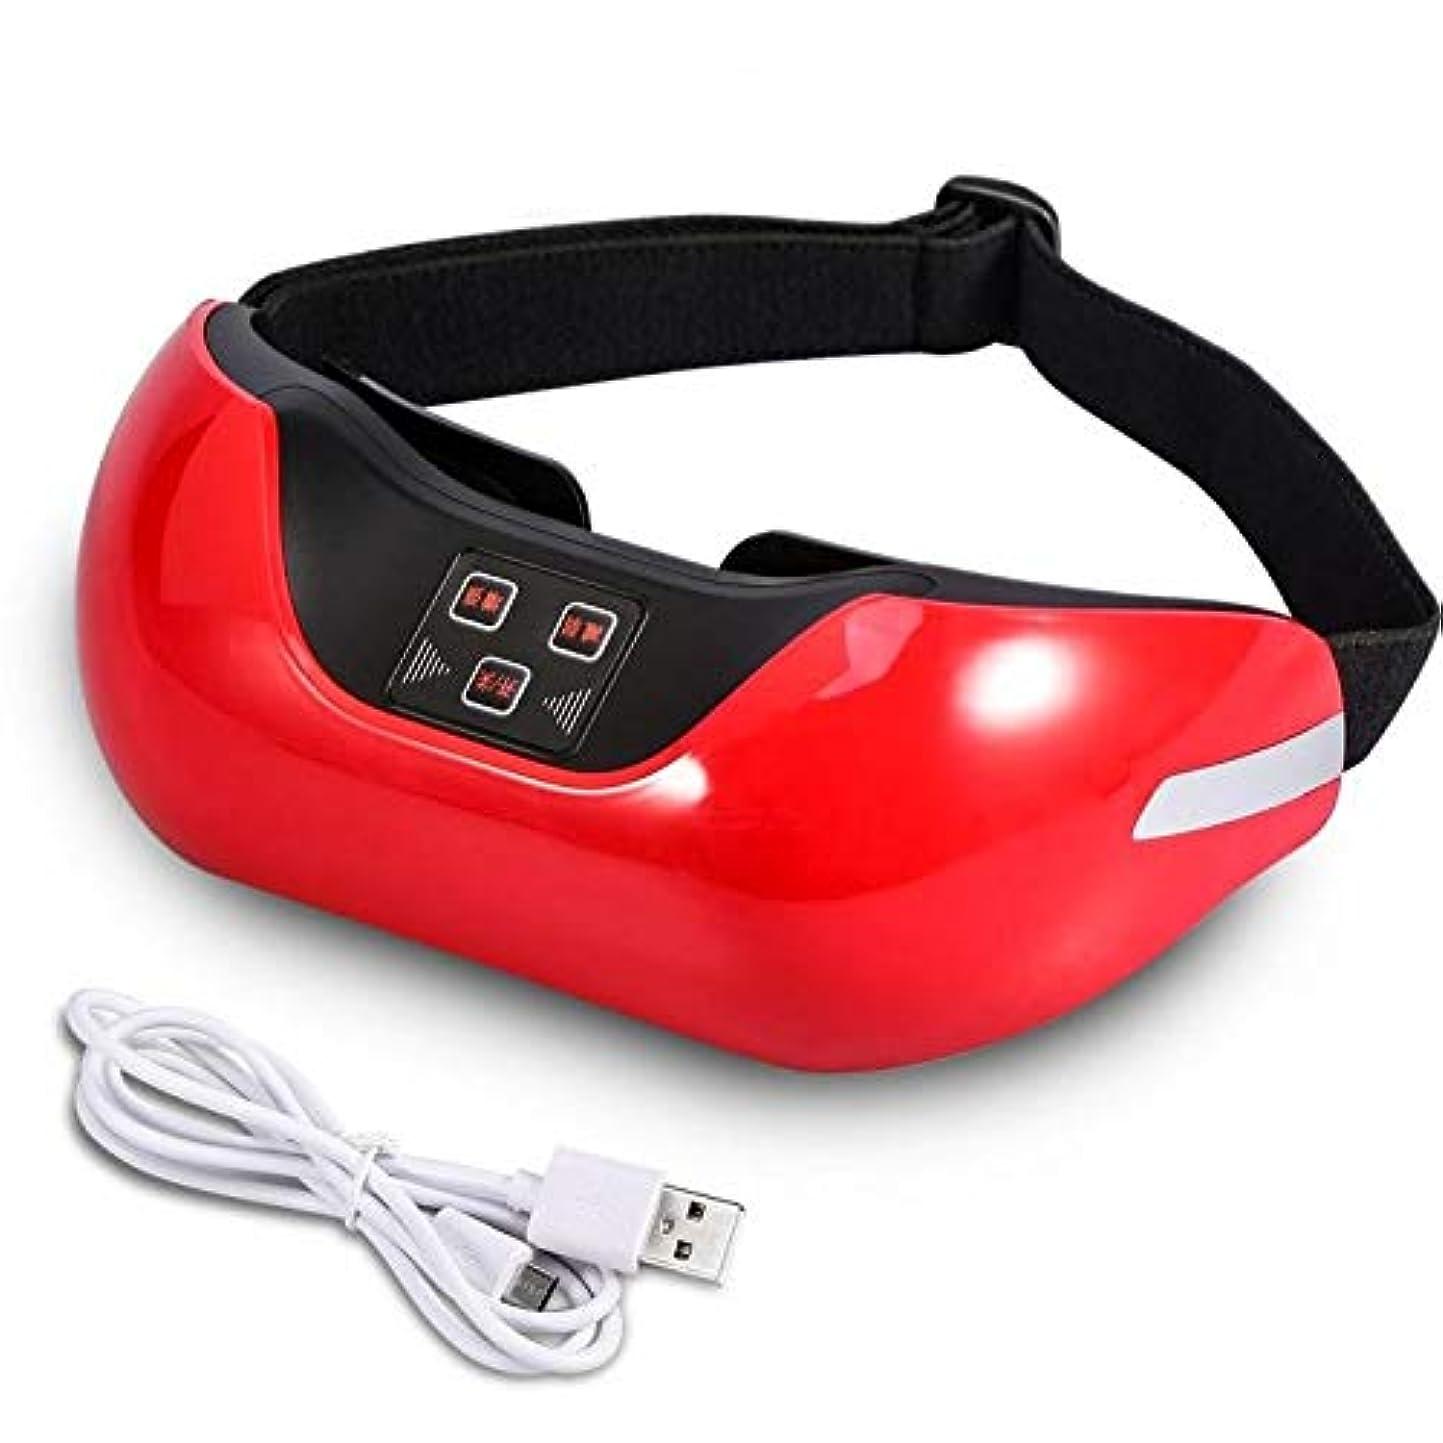 ばかげている目的お嬢Ruzzy 緑色光アイマッサージャー付き3D充電式マッサージャー 購入へようこそ (Color : Red)